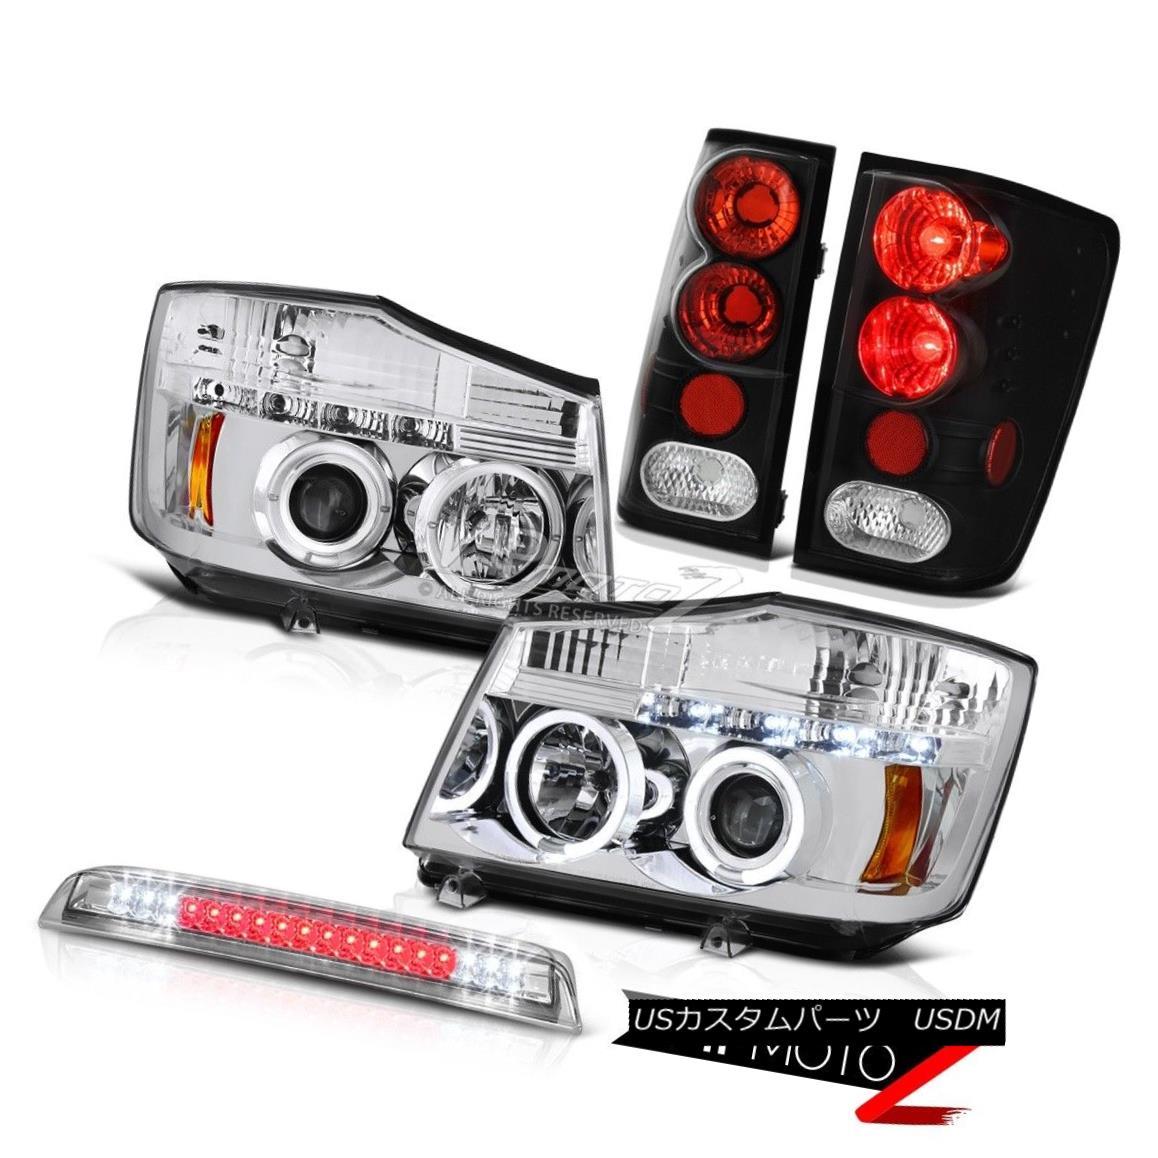 ヘッドライト Chrome Angel Eye Headlights Black Tail Lamps Roof Brake LED For 04-15 Titan XE クロームエンジェルアイヘッドライトブラックテールランプ屋根用ブレーキLED 04-15 Titan XE